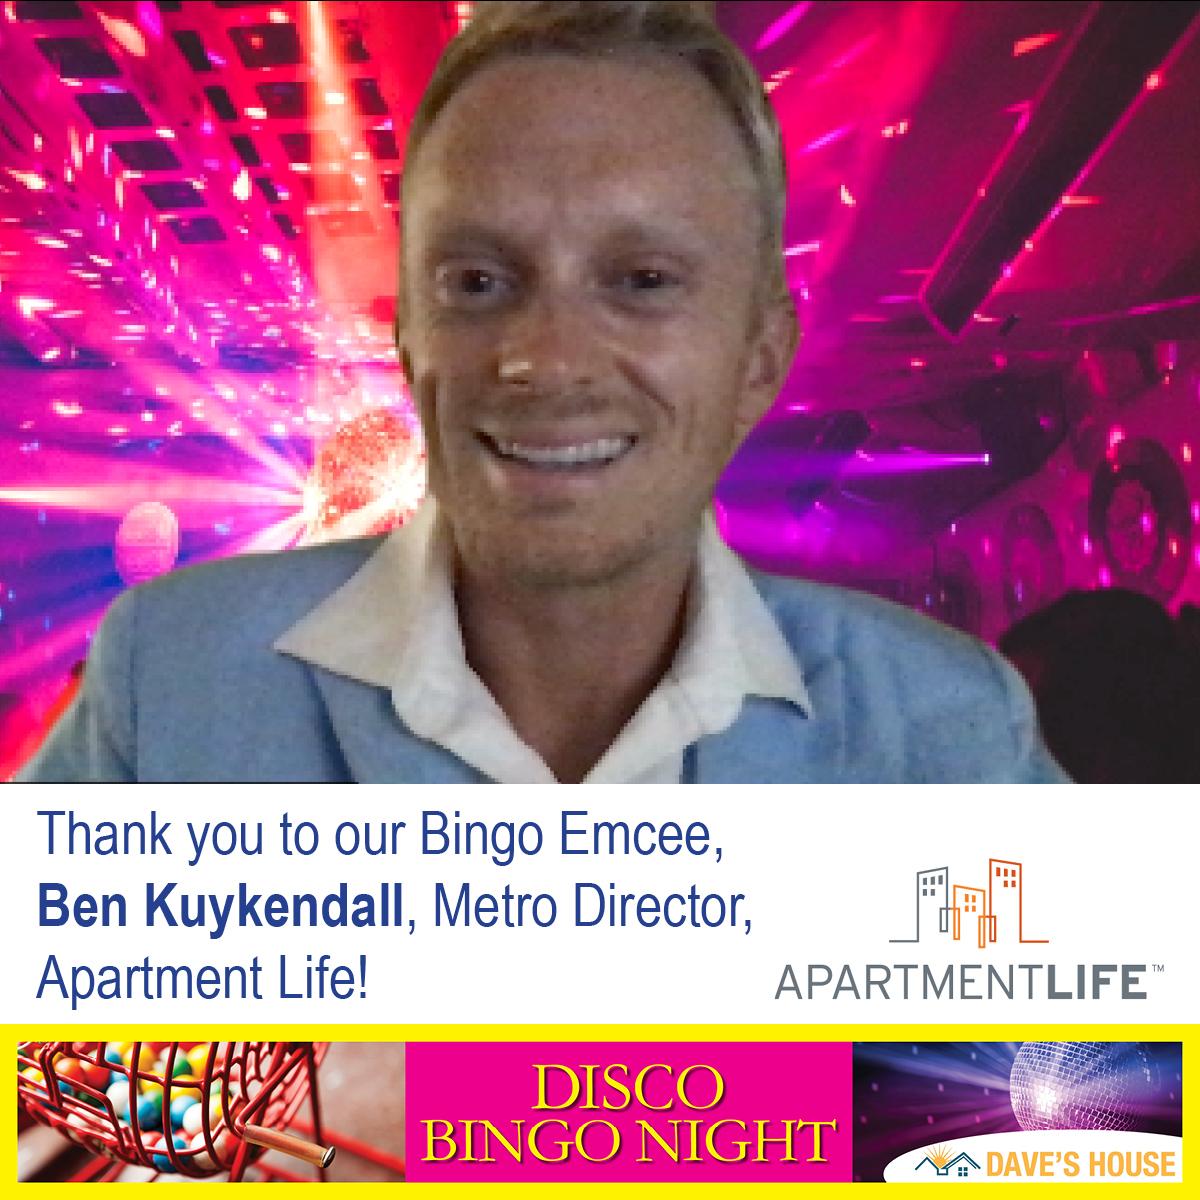 bingo emcee, Ben Kuykendell